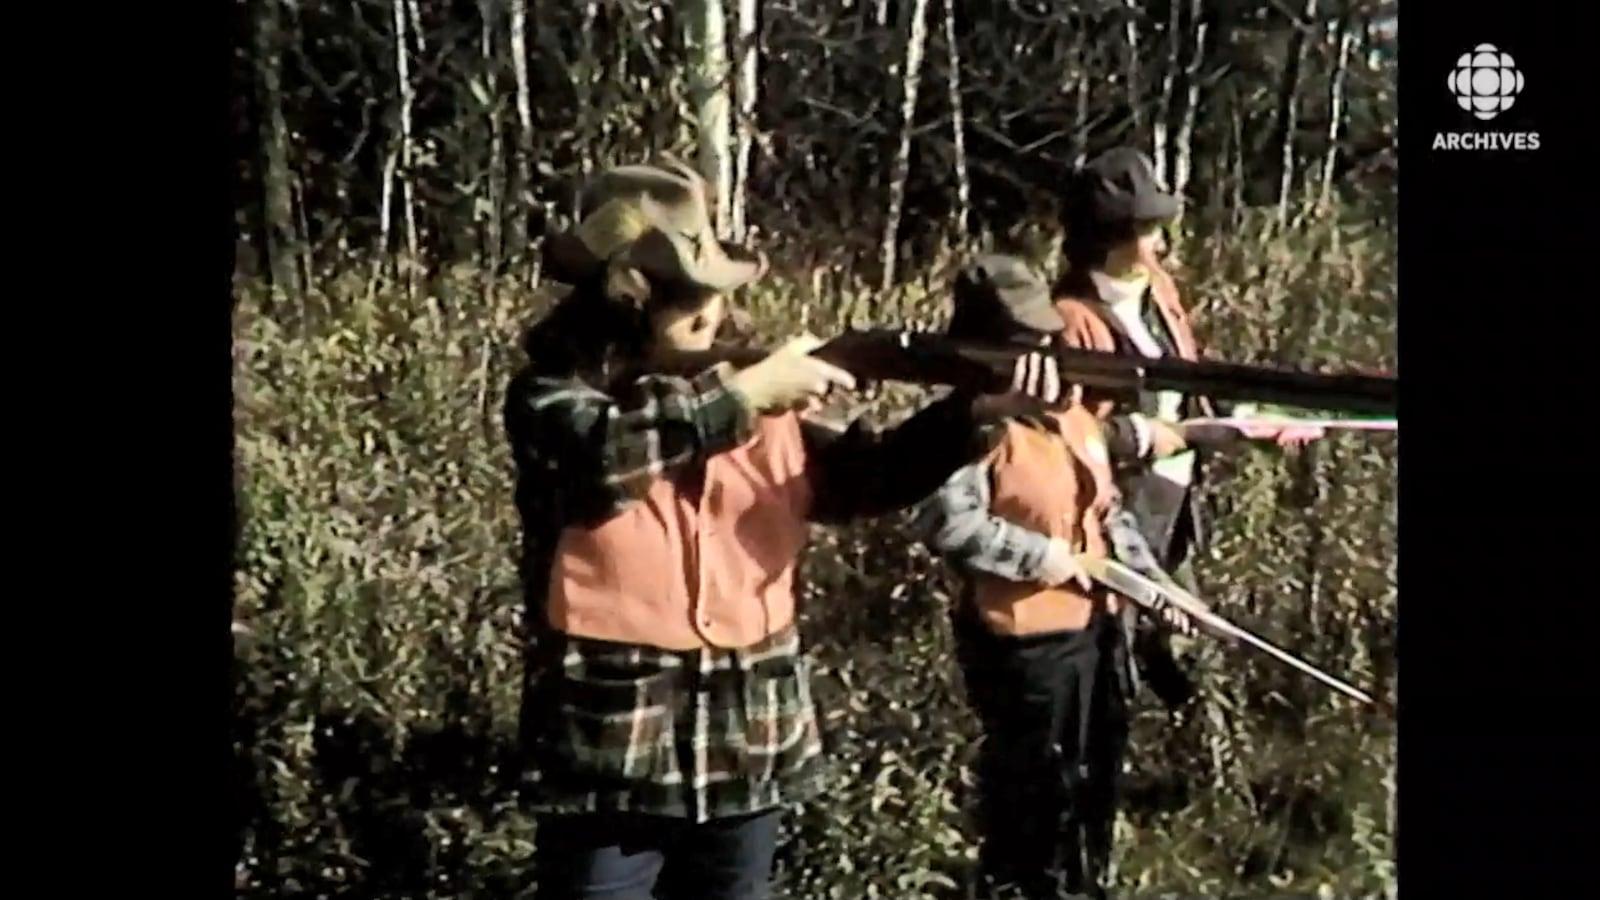 Trois femmes avec des dossards oranges tirent au long fusil dans un forêt.